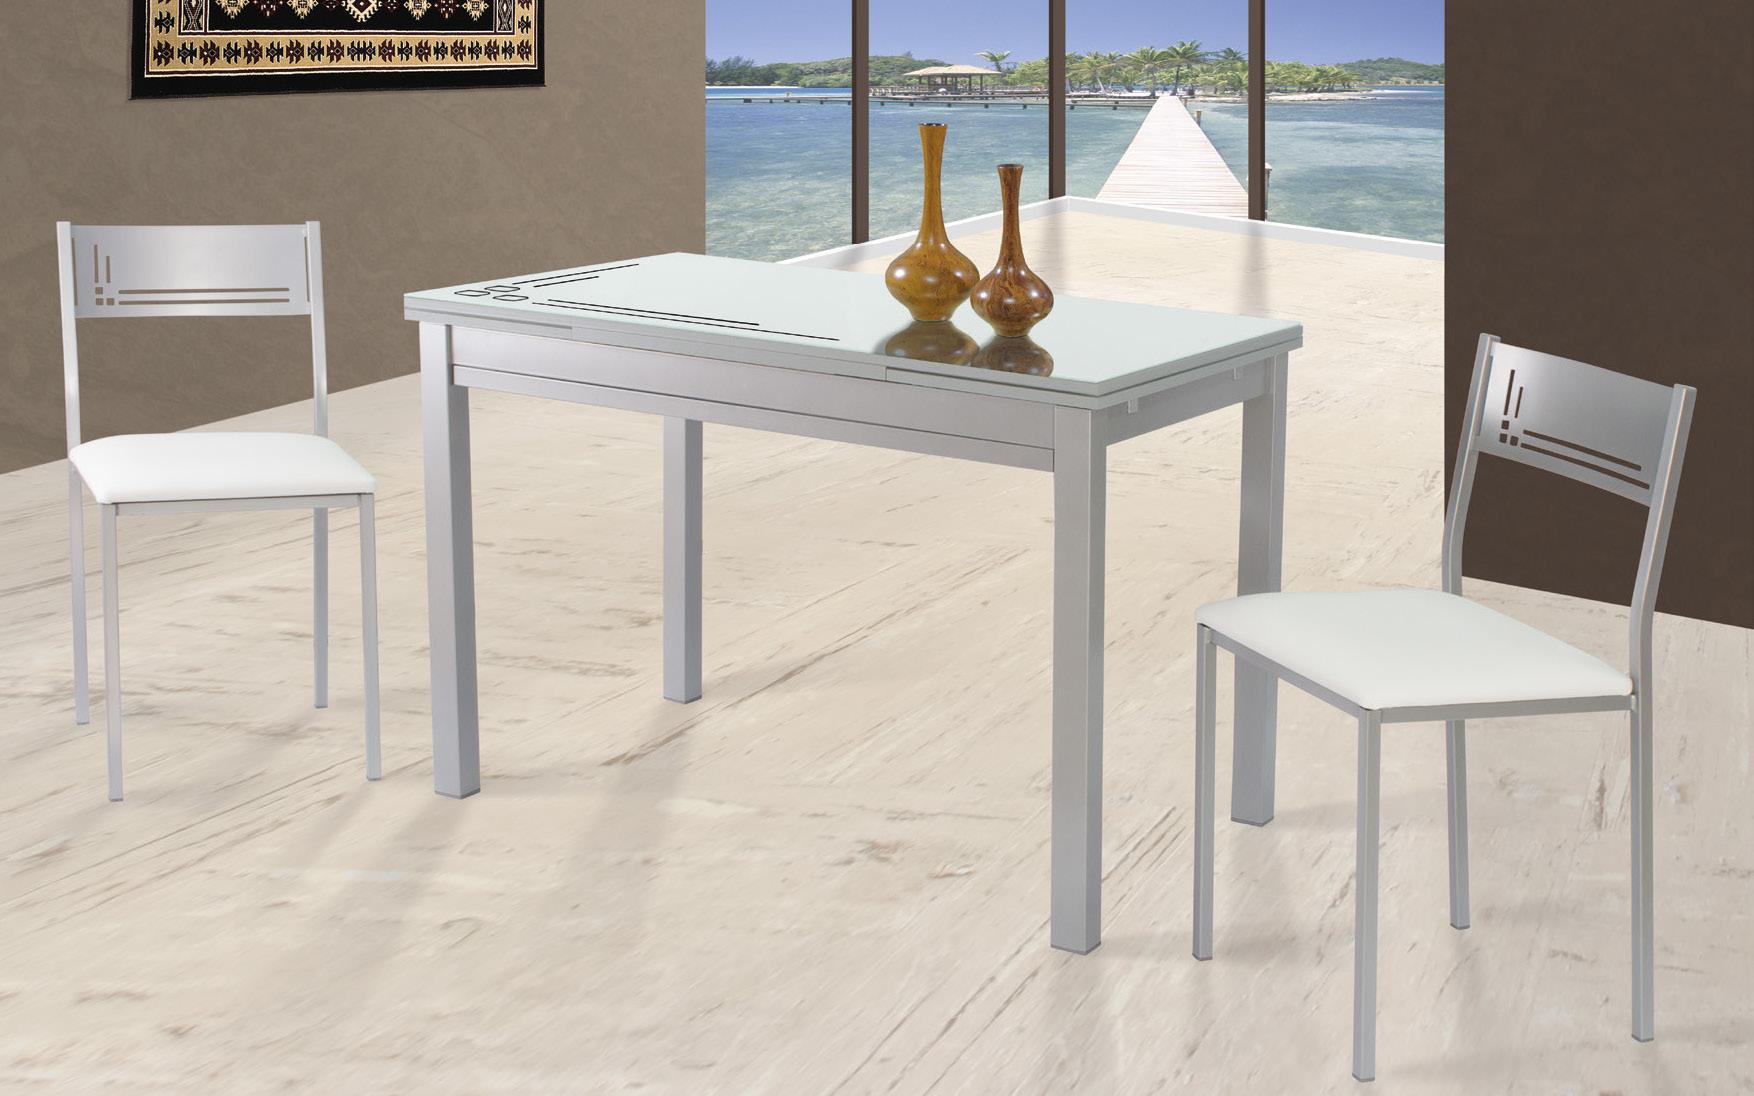 Hermoso fabricantes de mesas y sillas de cocina im genes - Muebles1click madrid ...